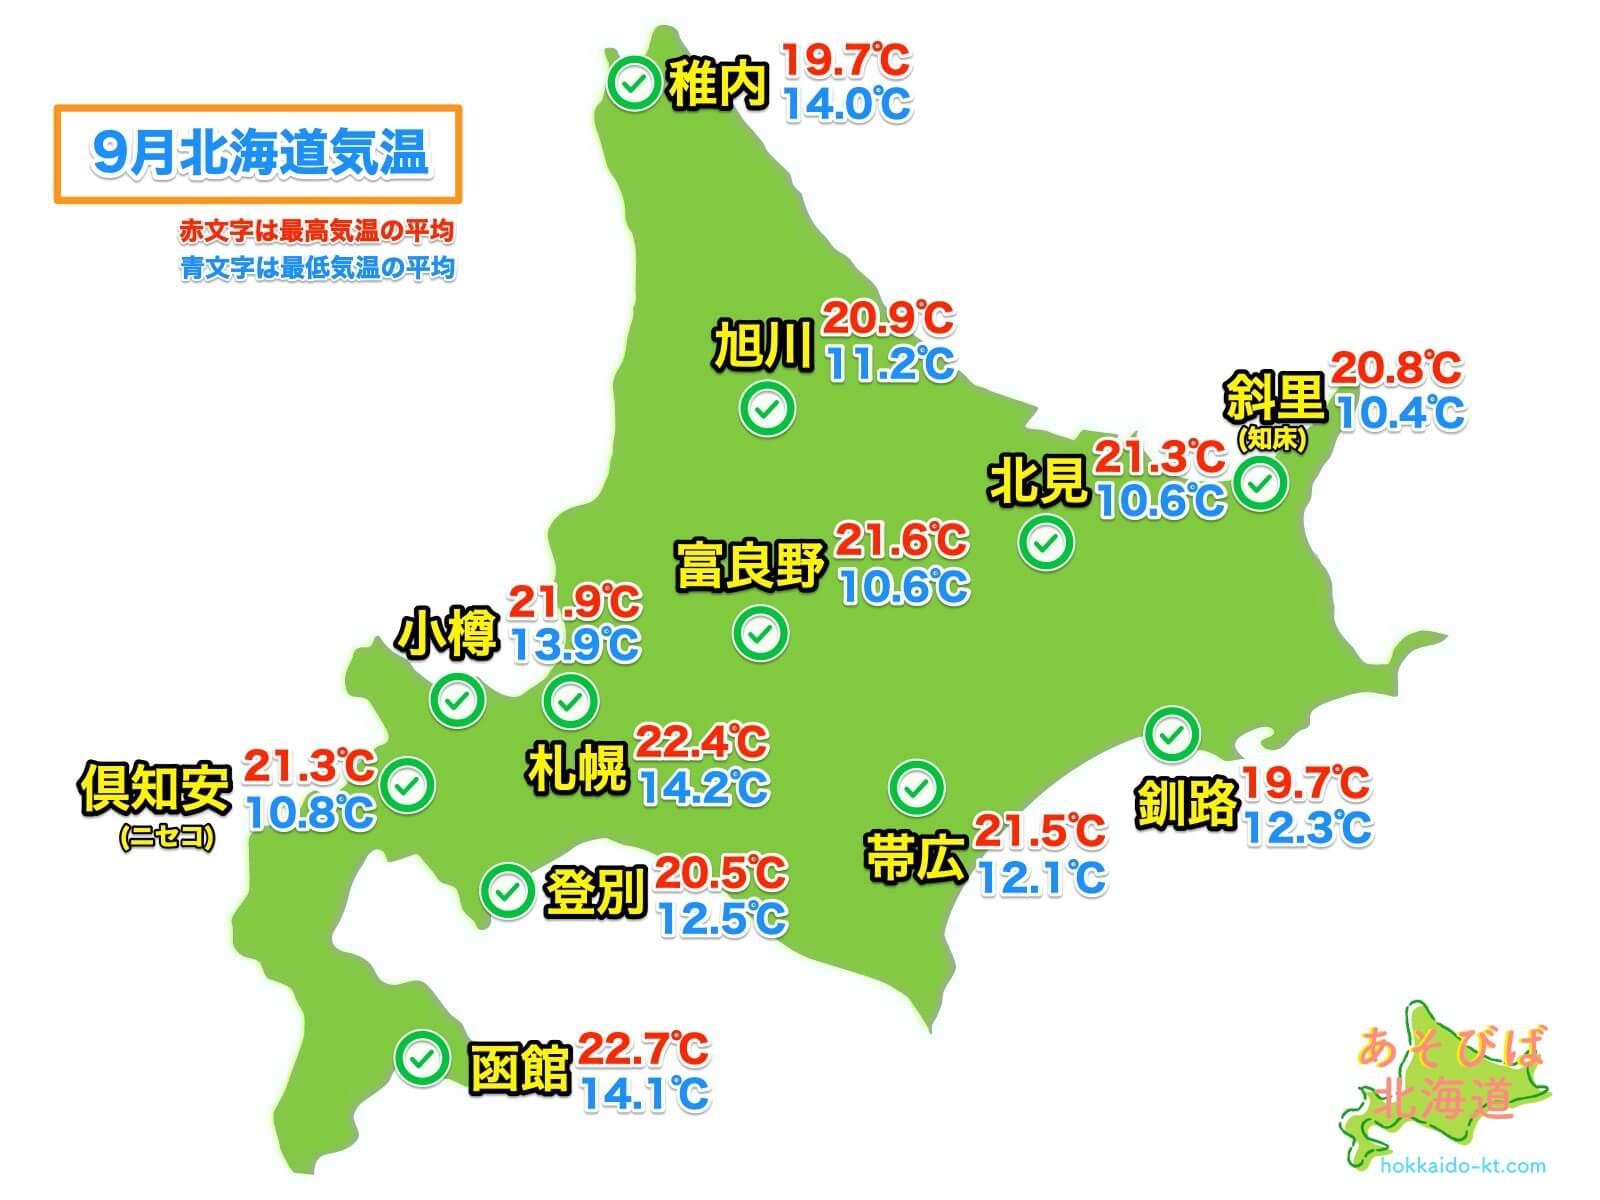 9月の北海道各地の気温